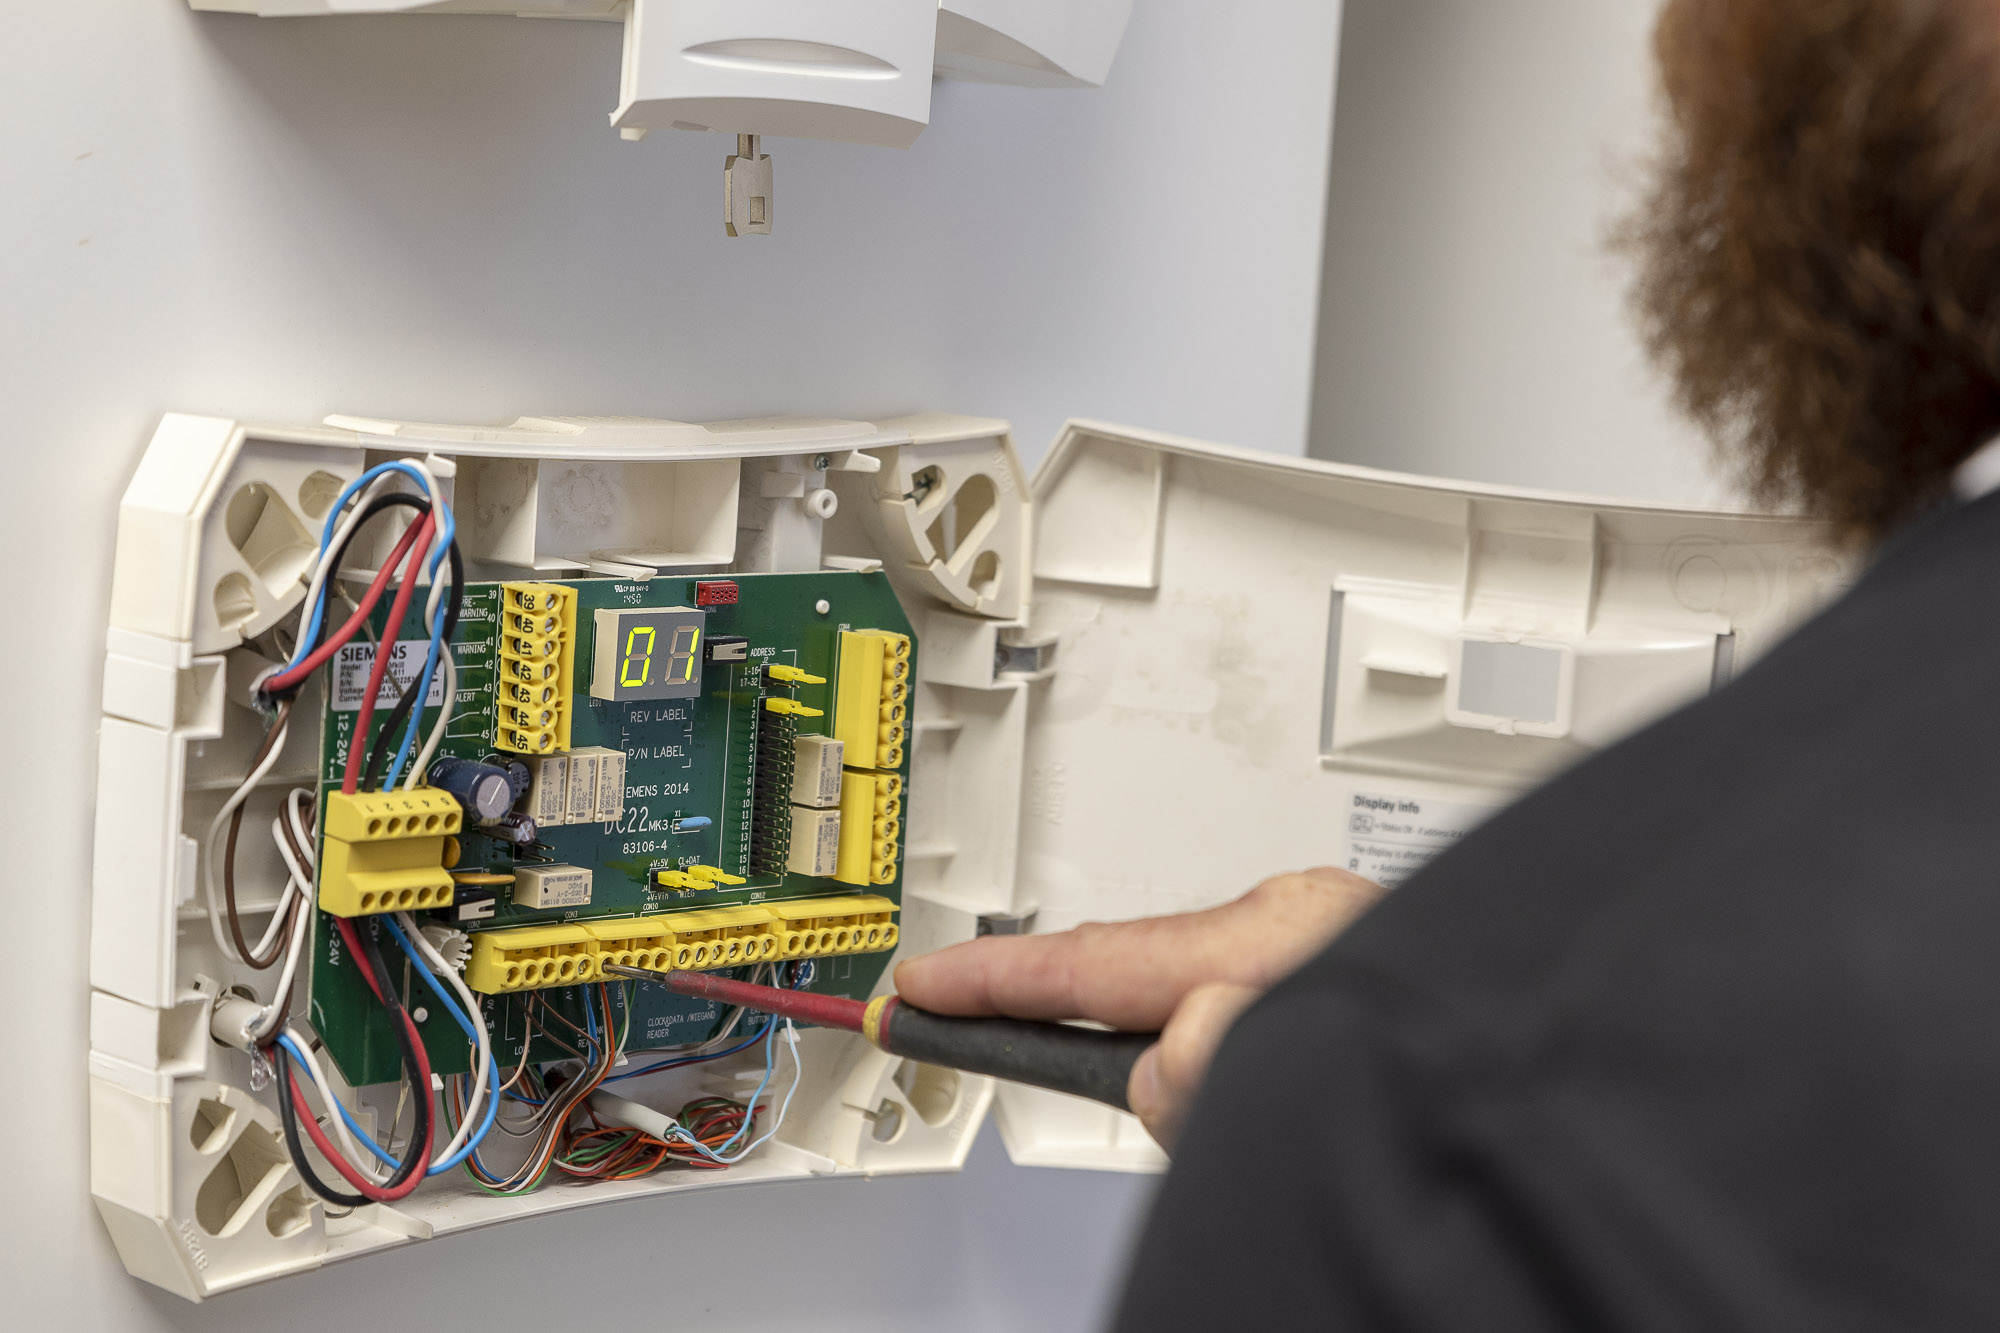 Elektriker arbetar